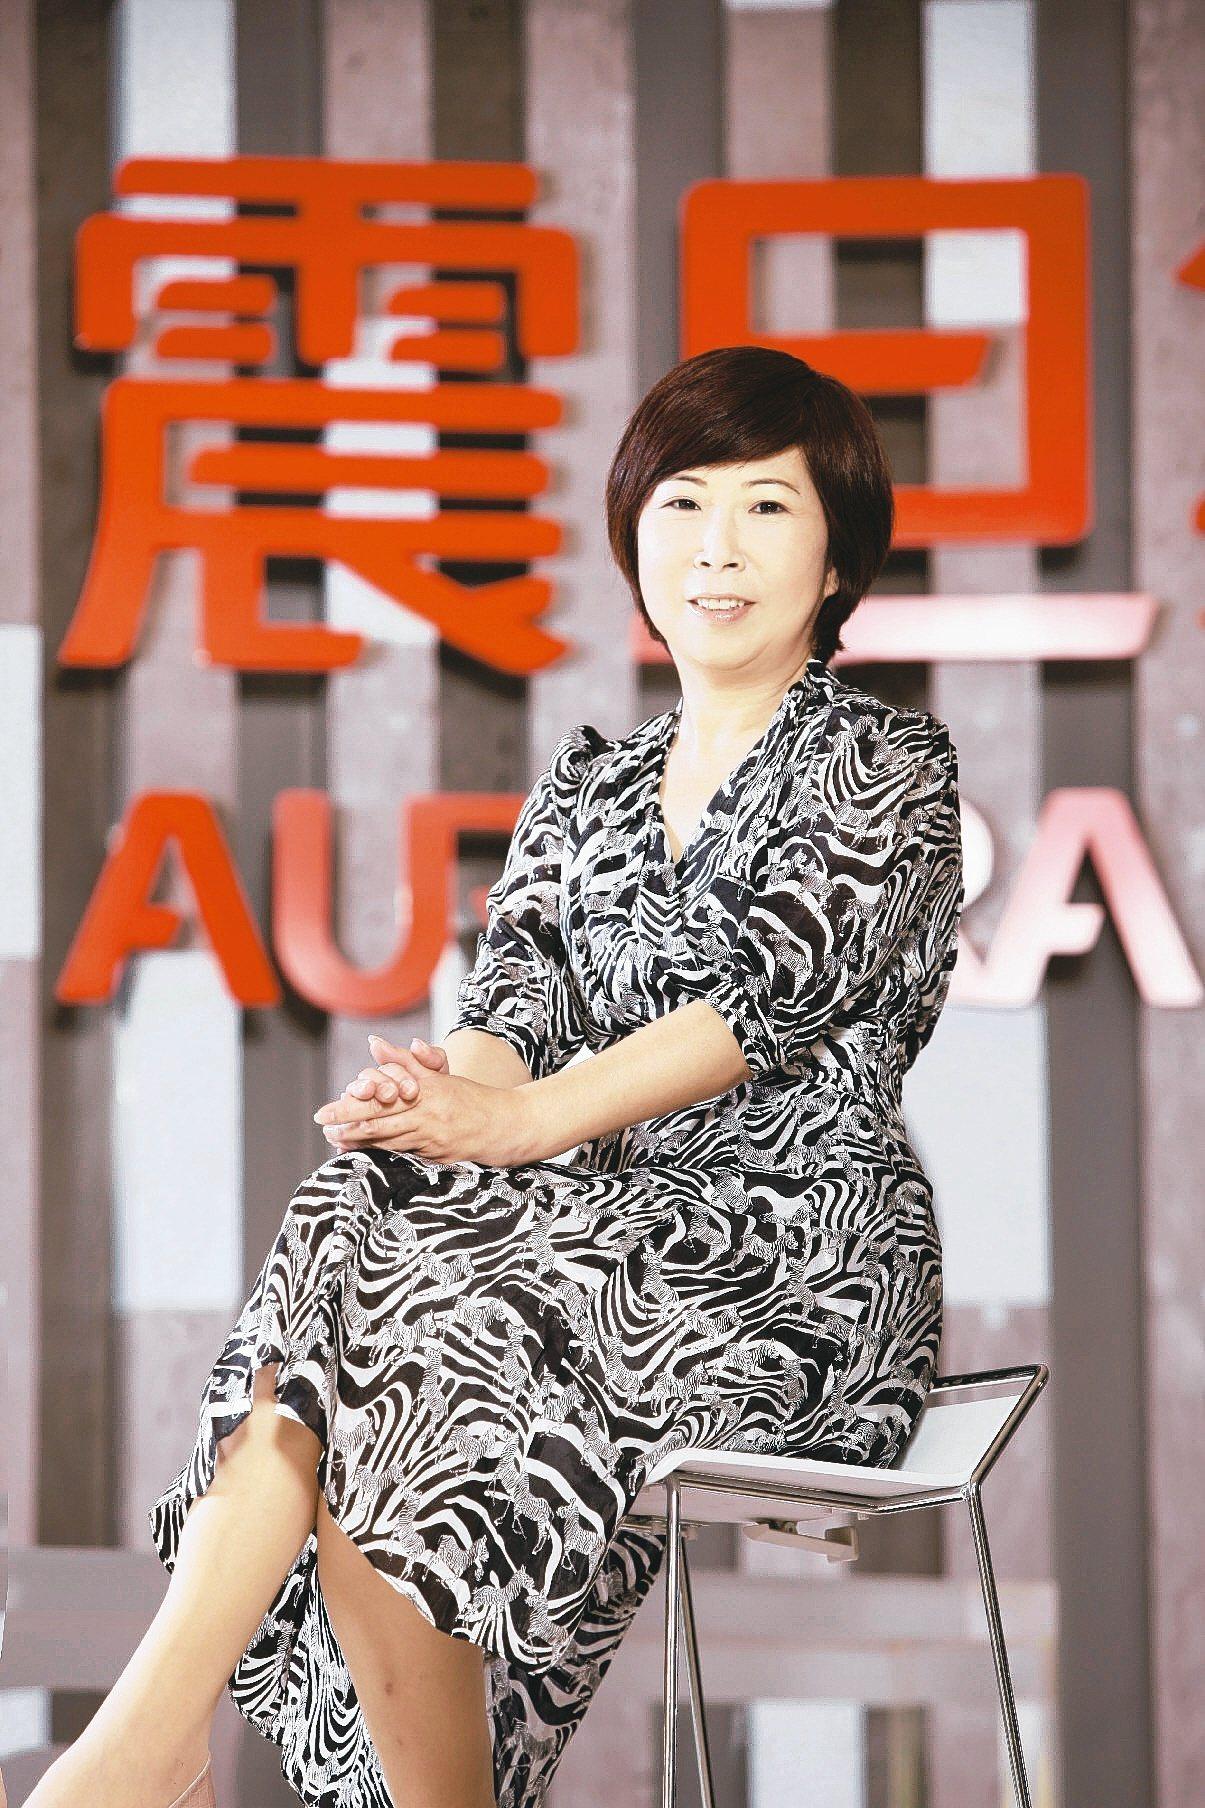 震旦行現任董事長林樂萍,因退休自請提出辭任。 圖/震旦行提供